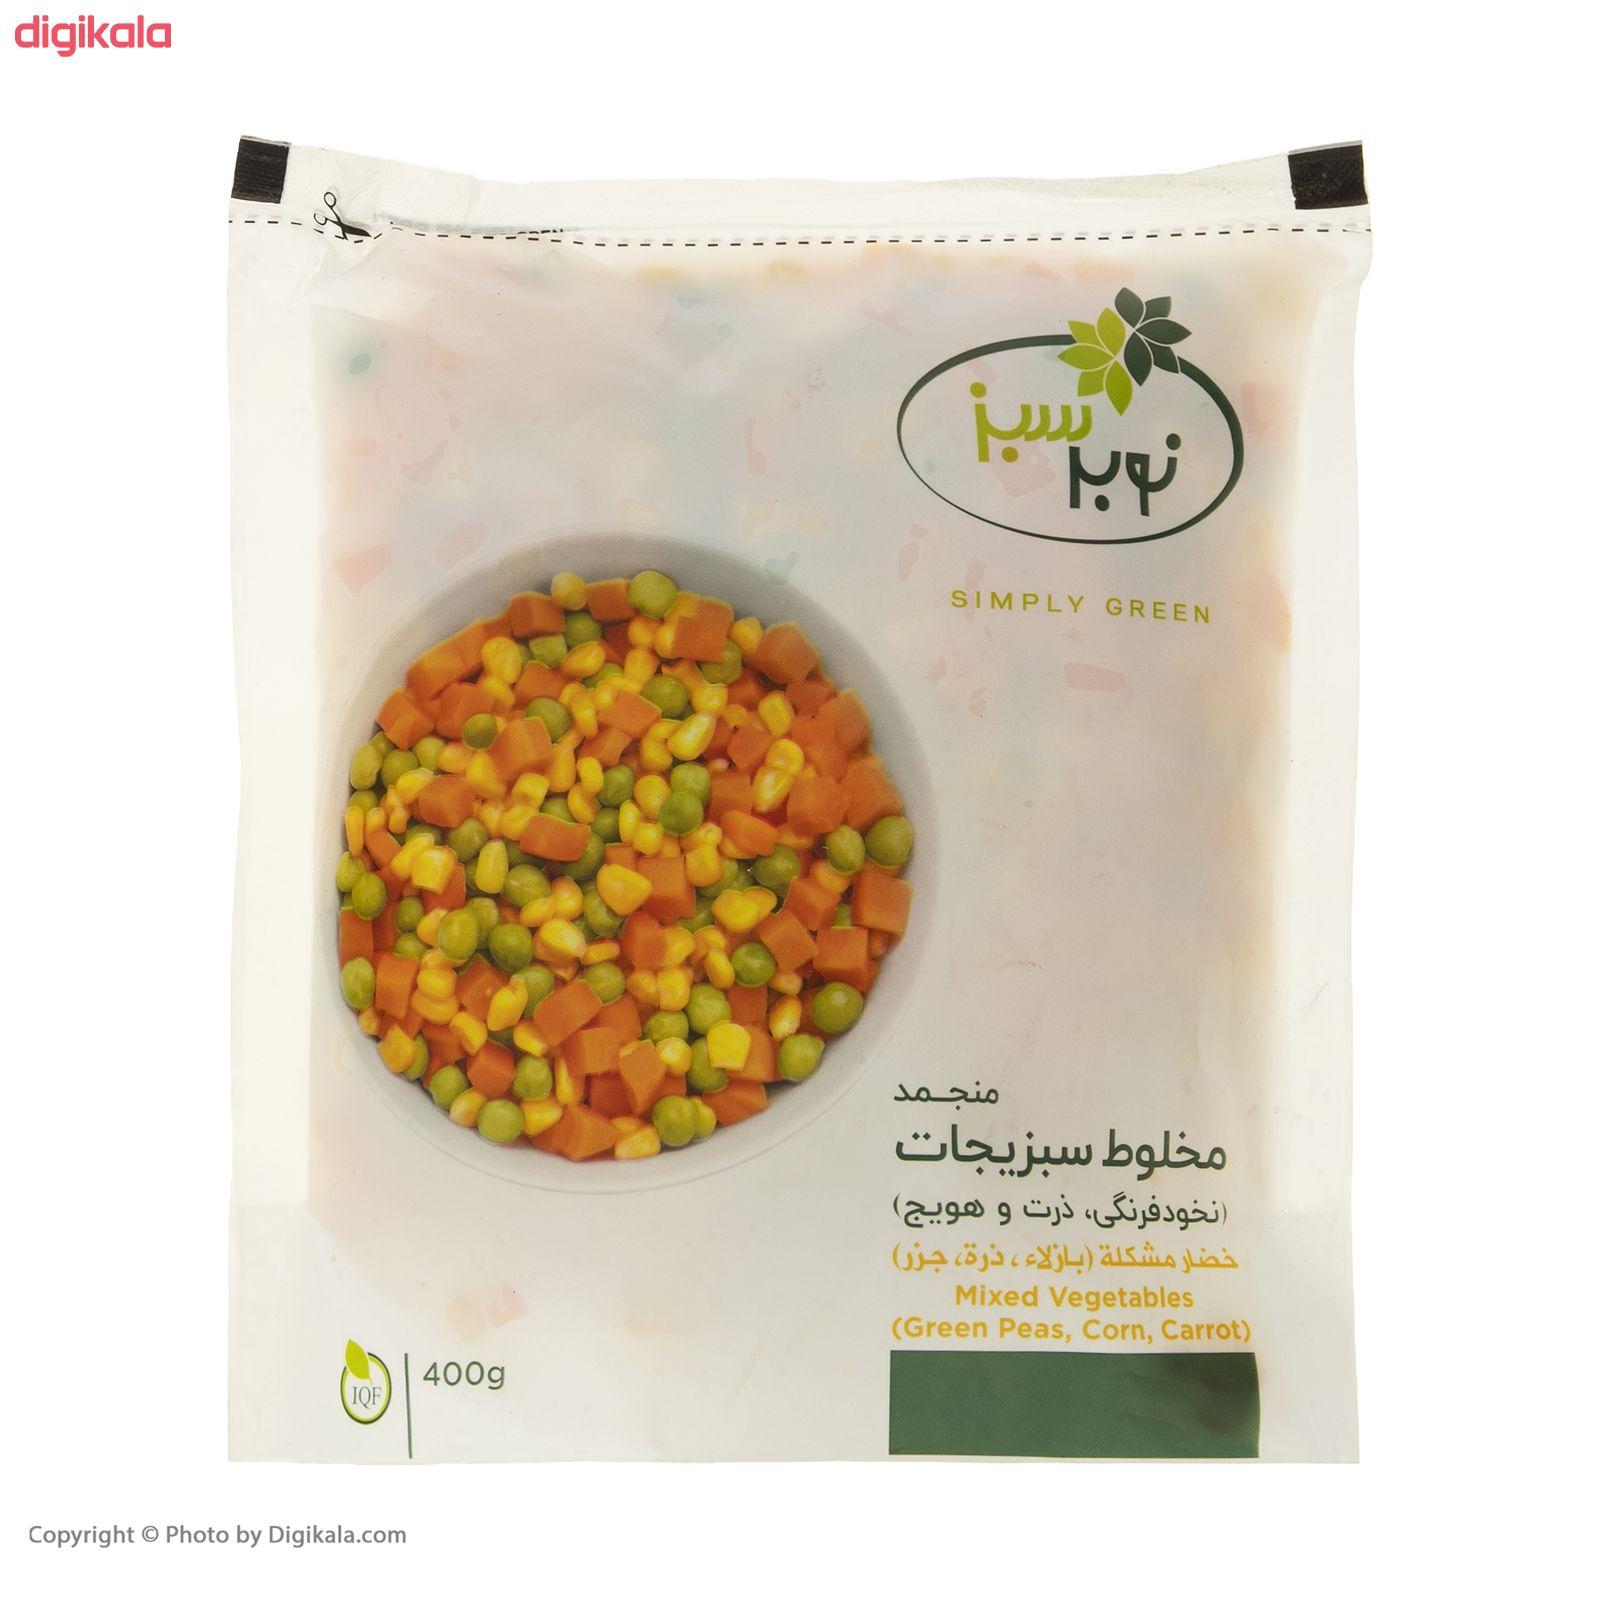 مخلوط سبزیجات منجمد نوبر سبز مقدار 400 گرم main 1 4